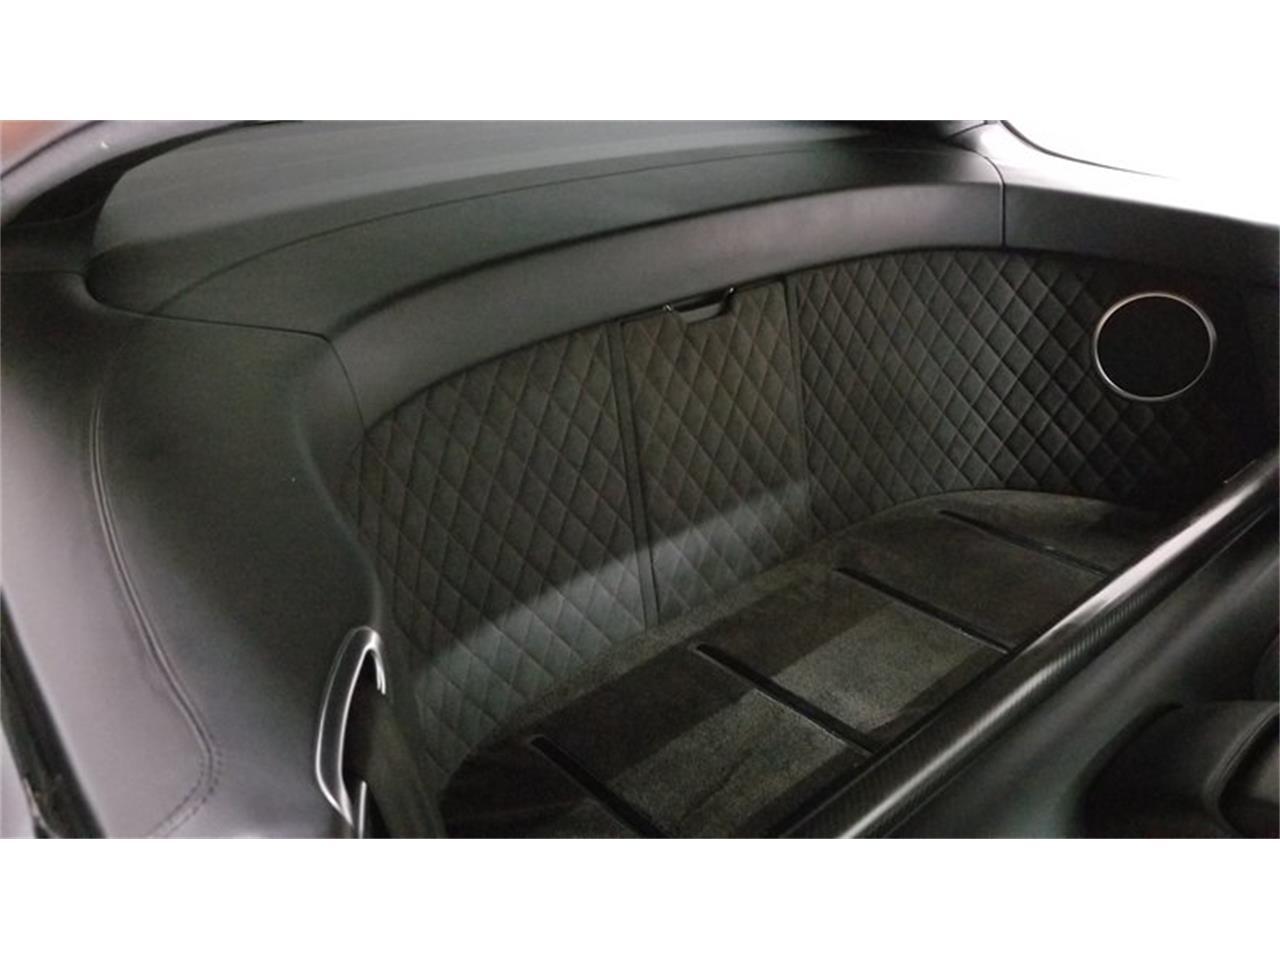 2010 Bentley Continental (CC-1238452) for sale in Mankato, Minnesota